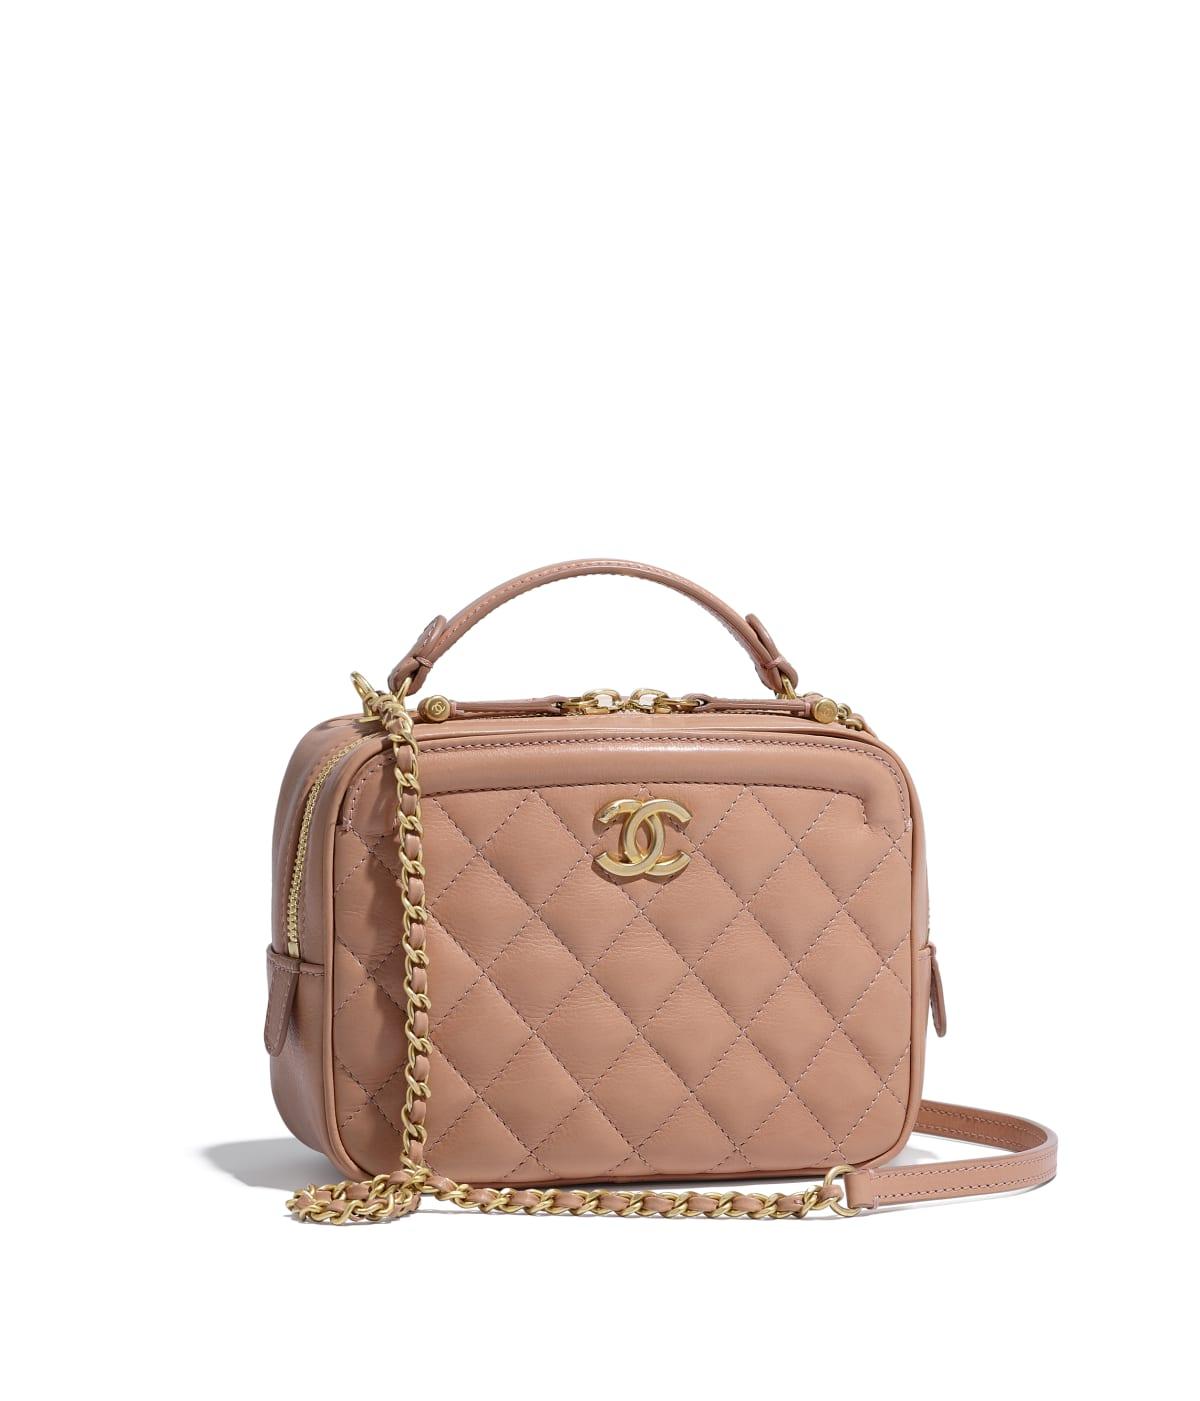 ハンドバッグ ページ 6 Chanel